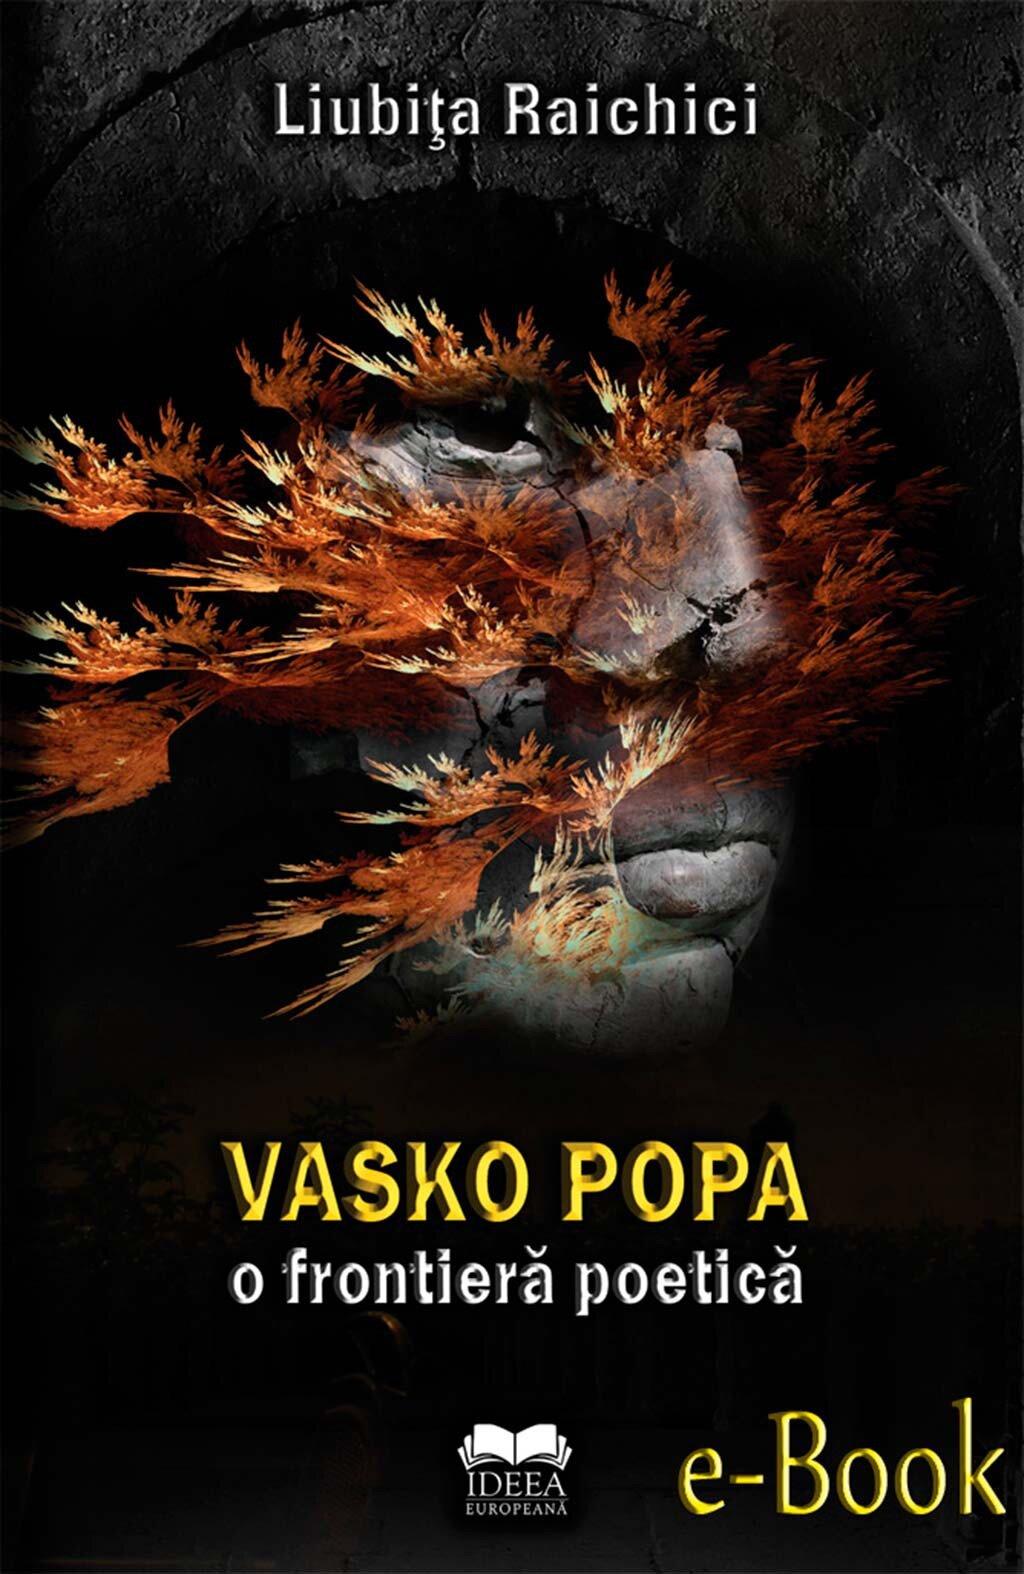 Vasko Popa - o frontiera poetica (eBook)